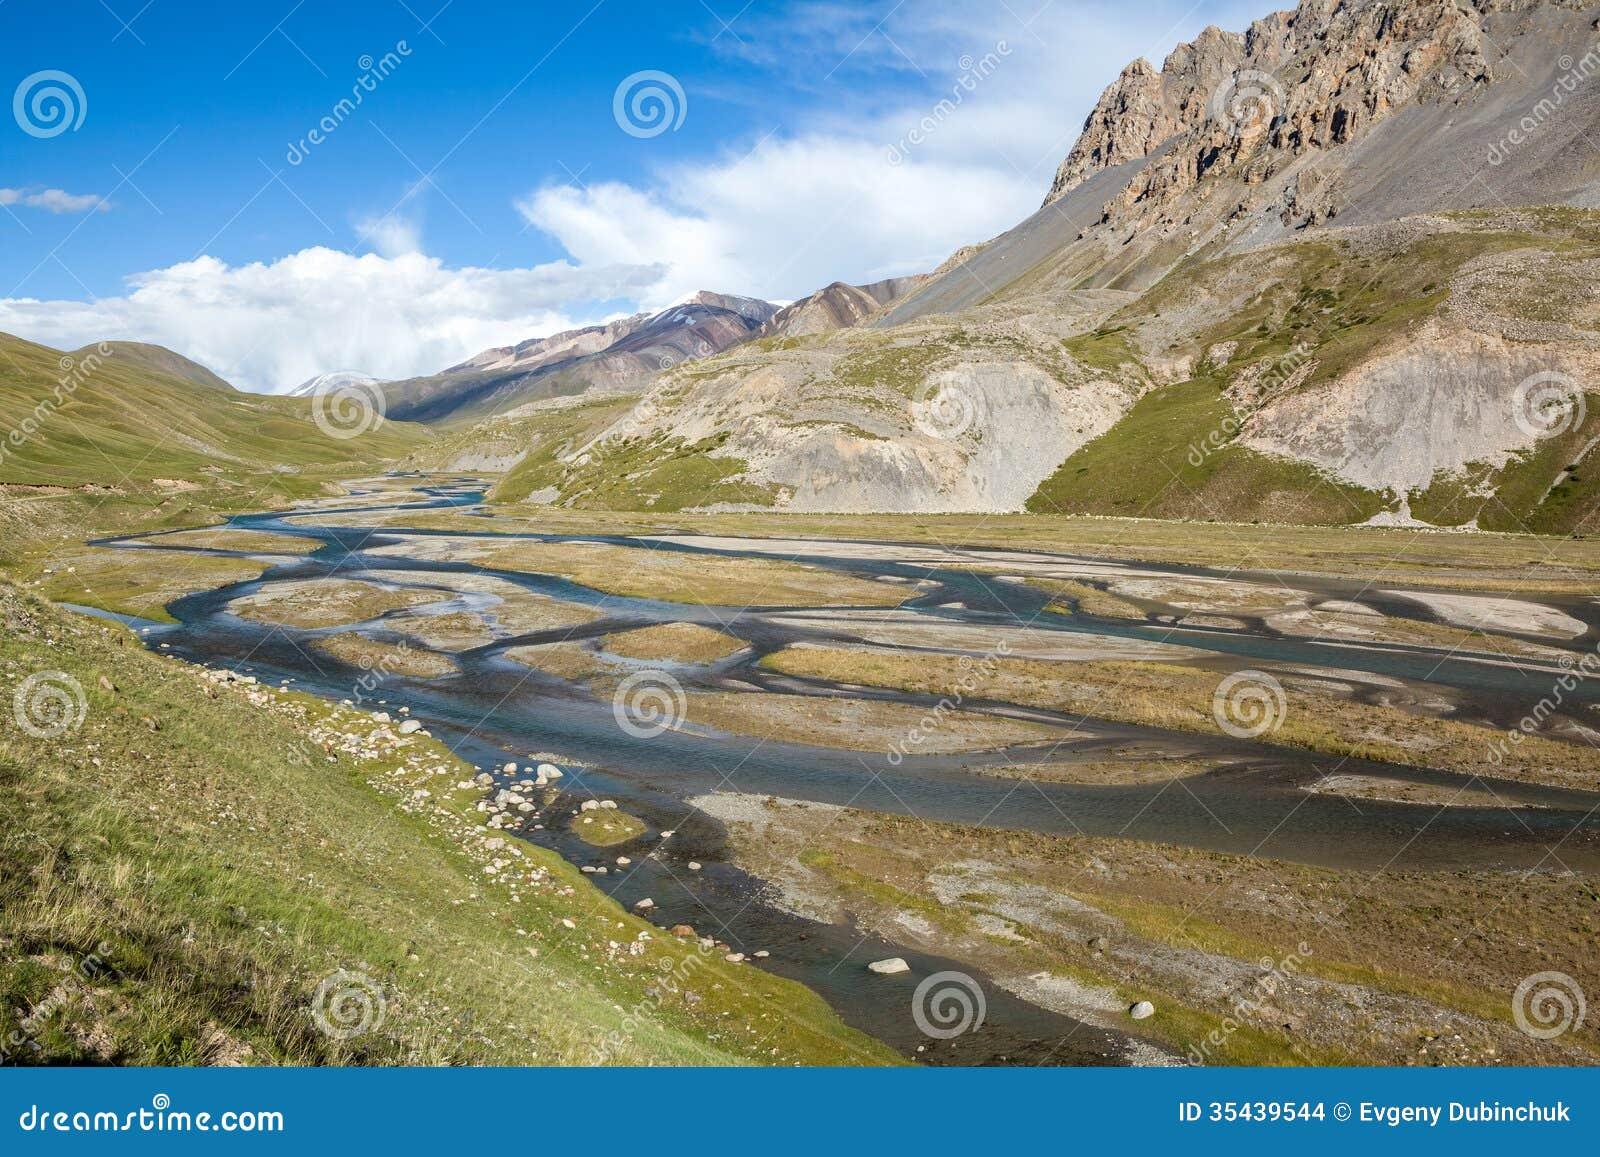 Prachtige bergrivier in Tien Shan-bergen